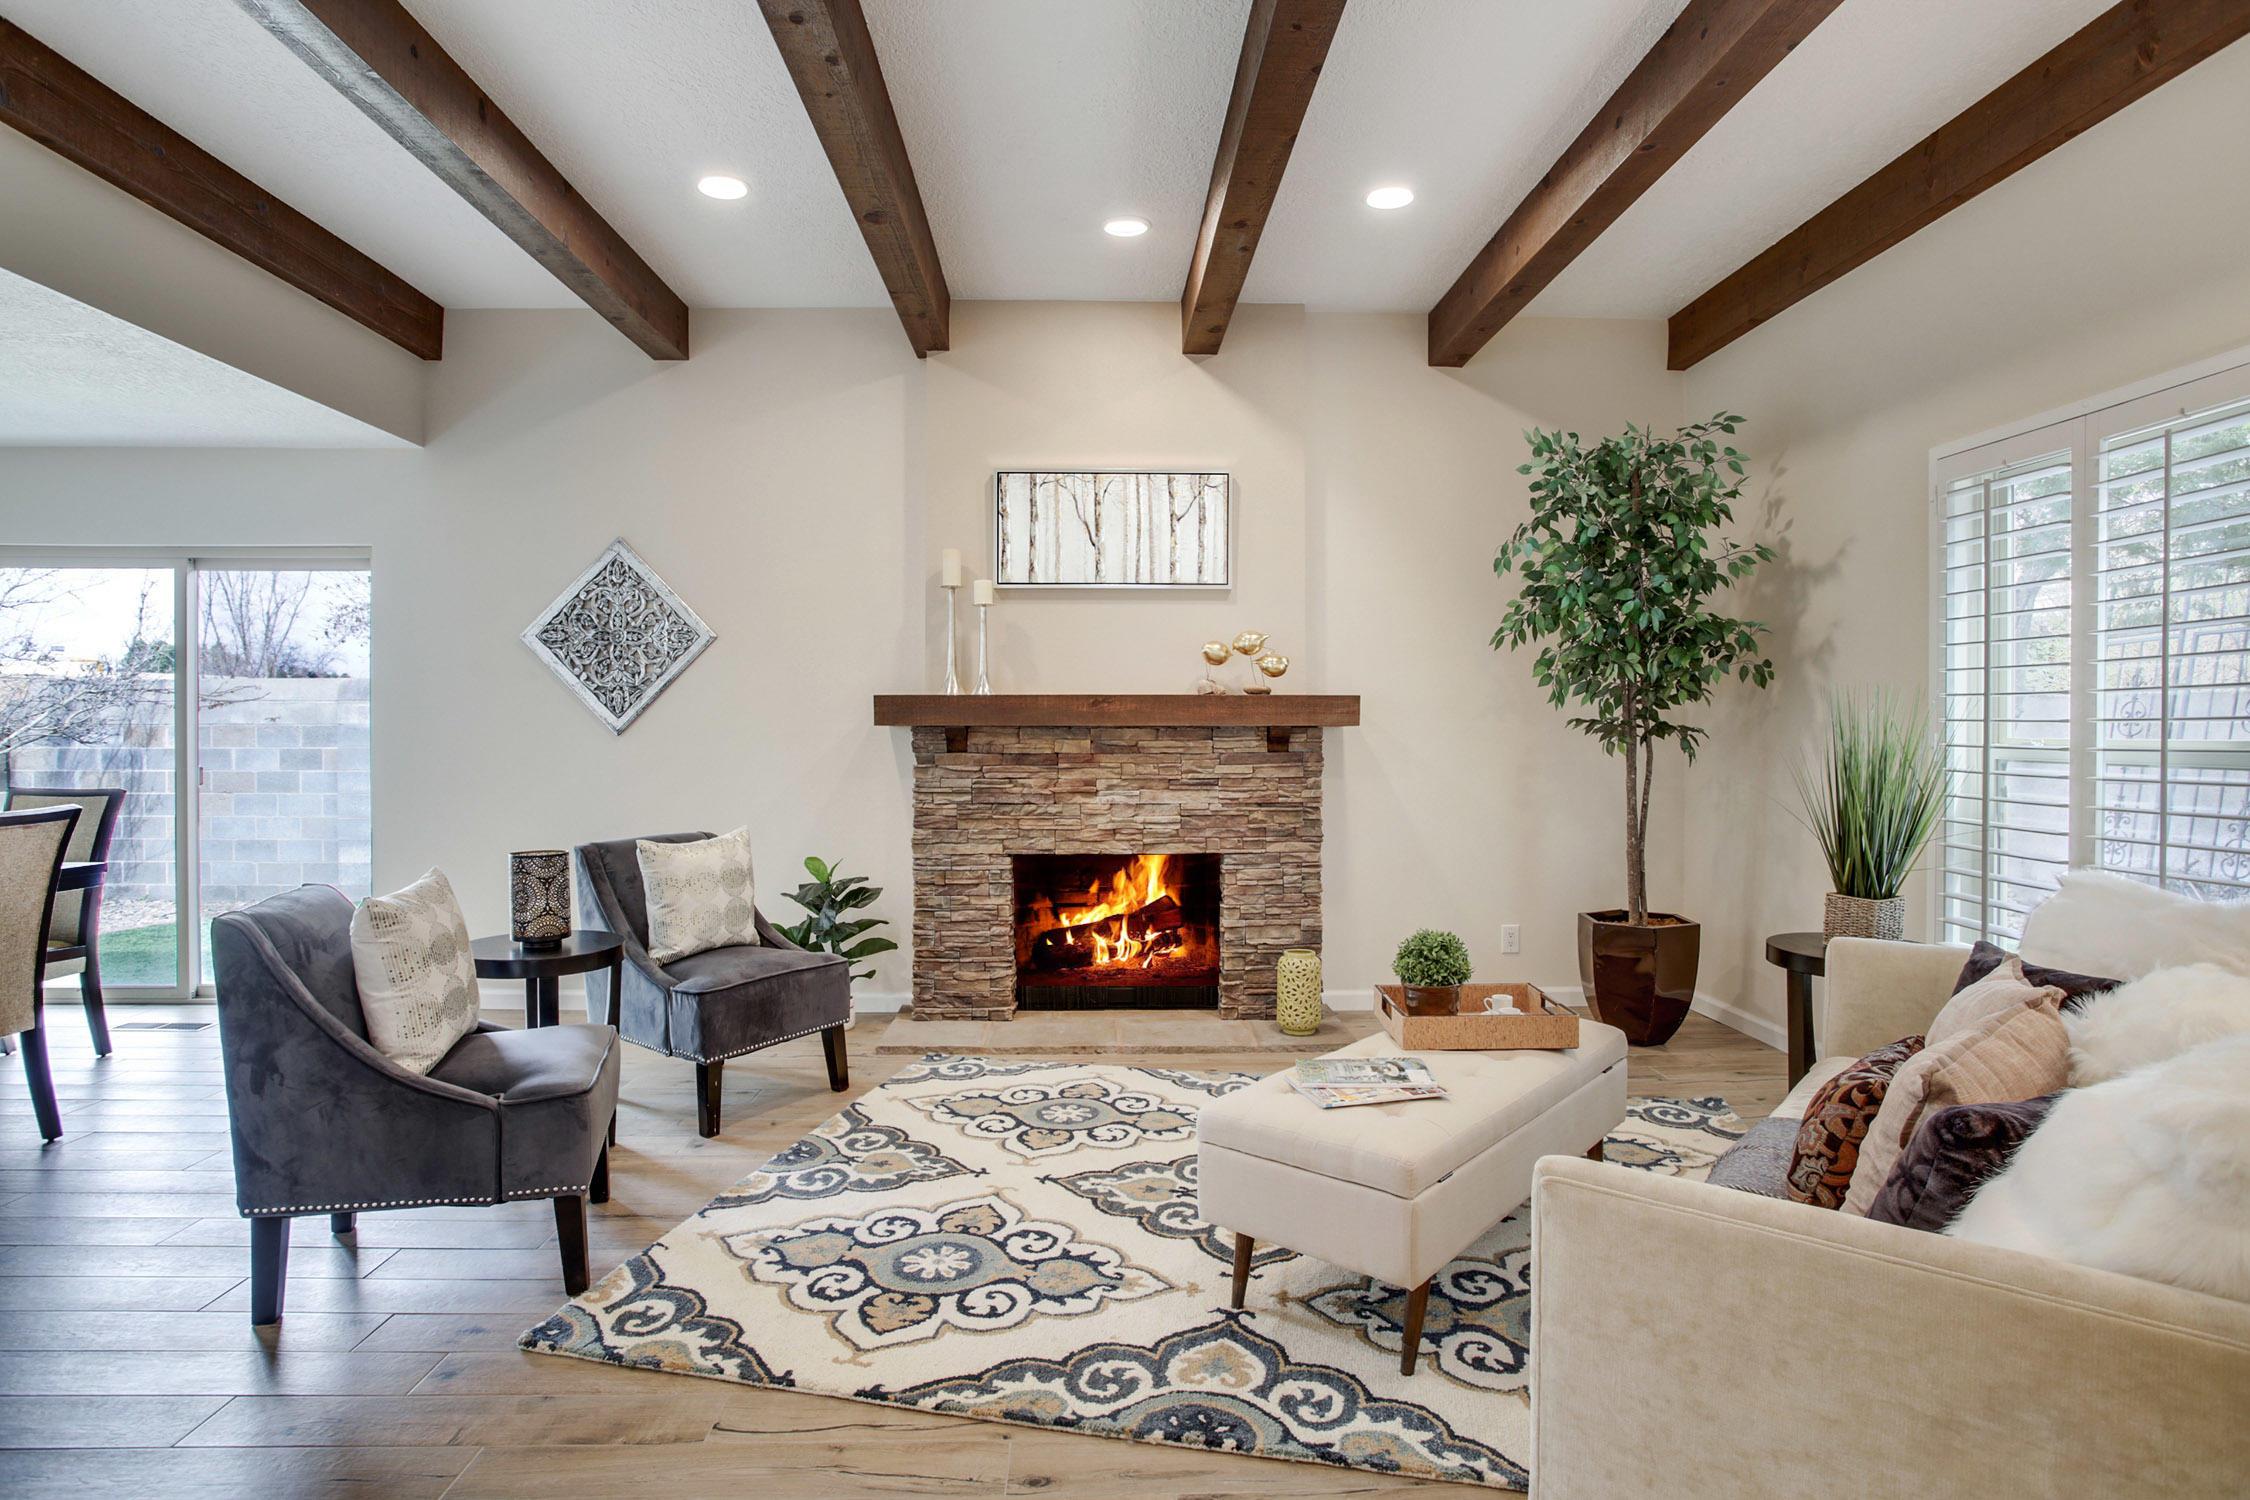 7415 MARILYN Avenue NE, Albuquerque, NM 87109 - Albuquerque, NM real estate listing